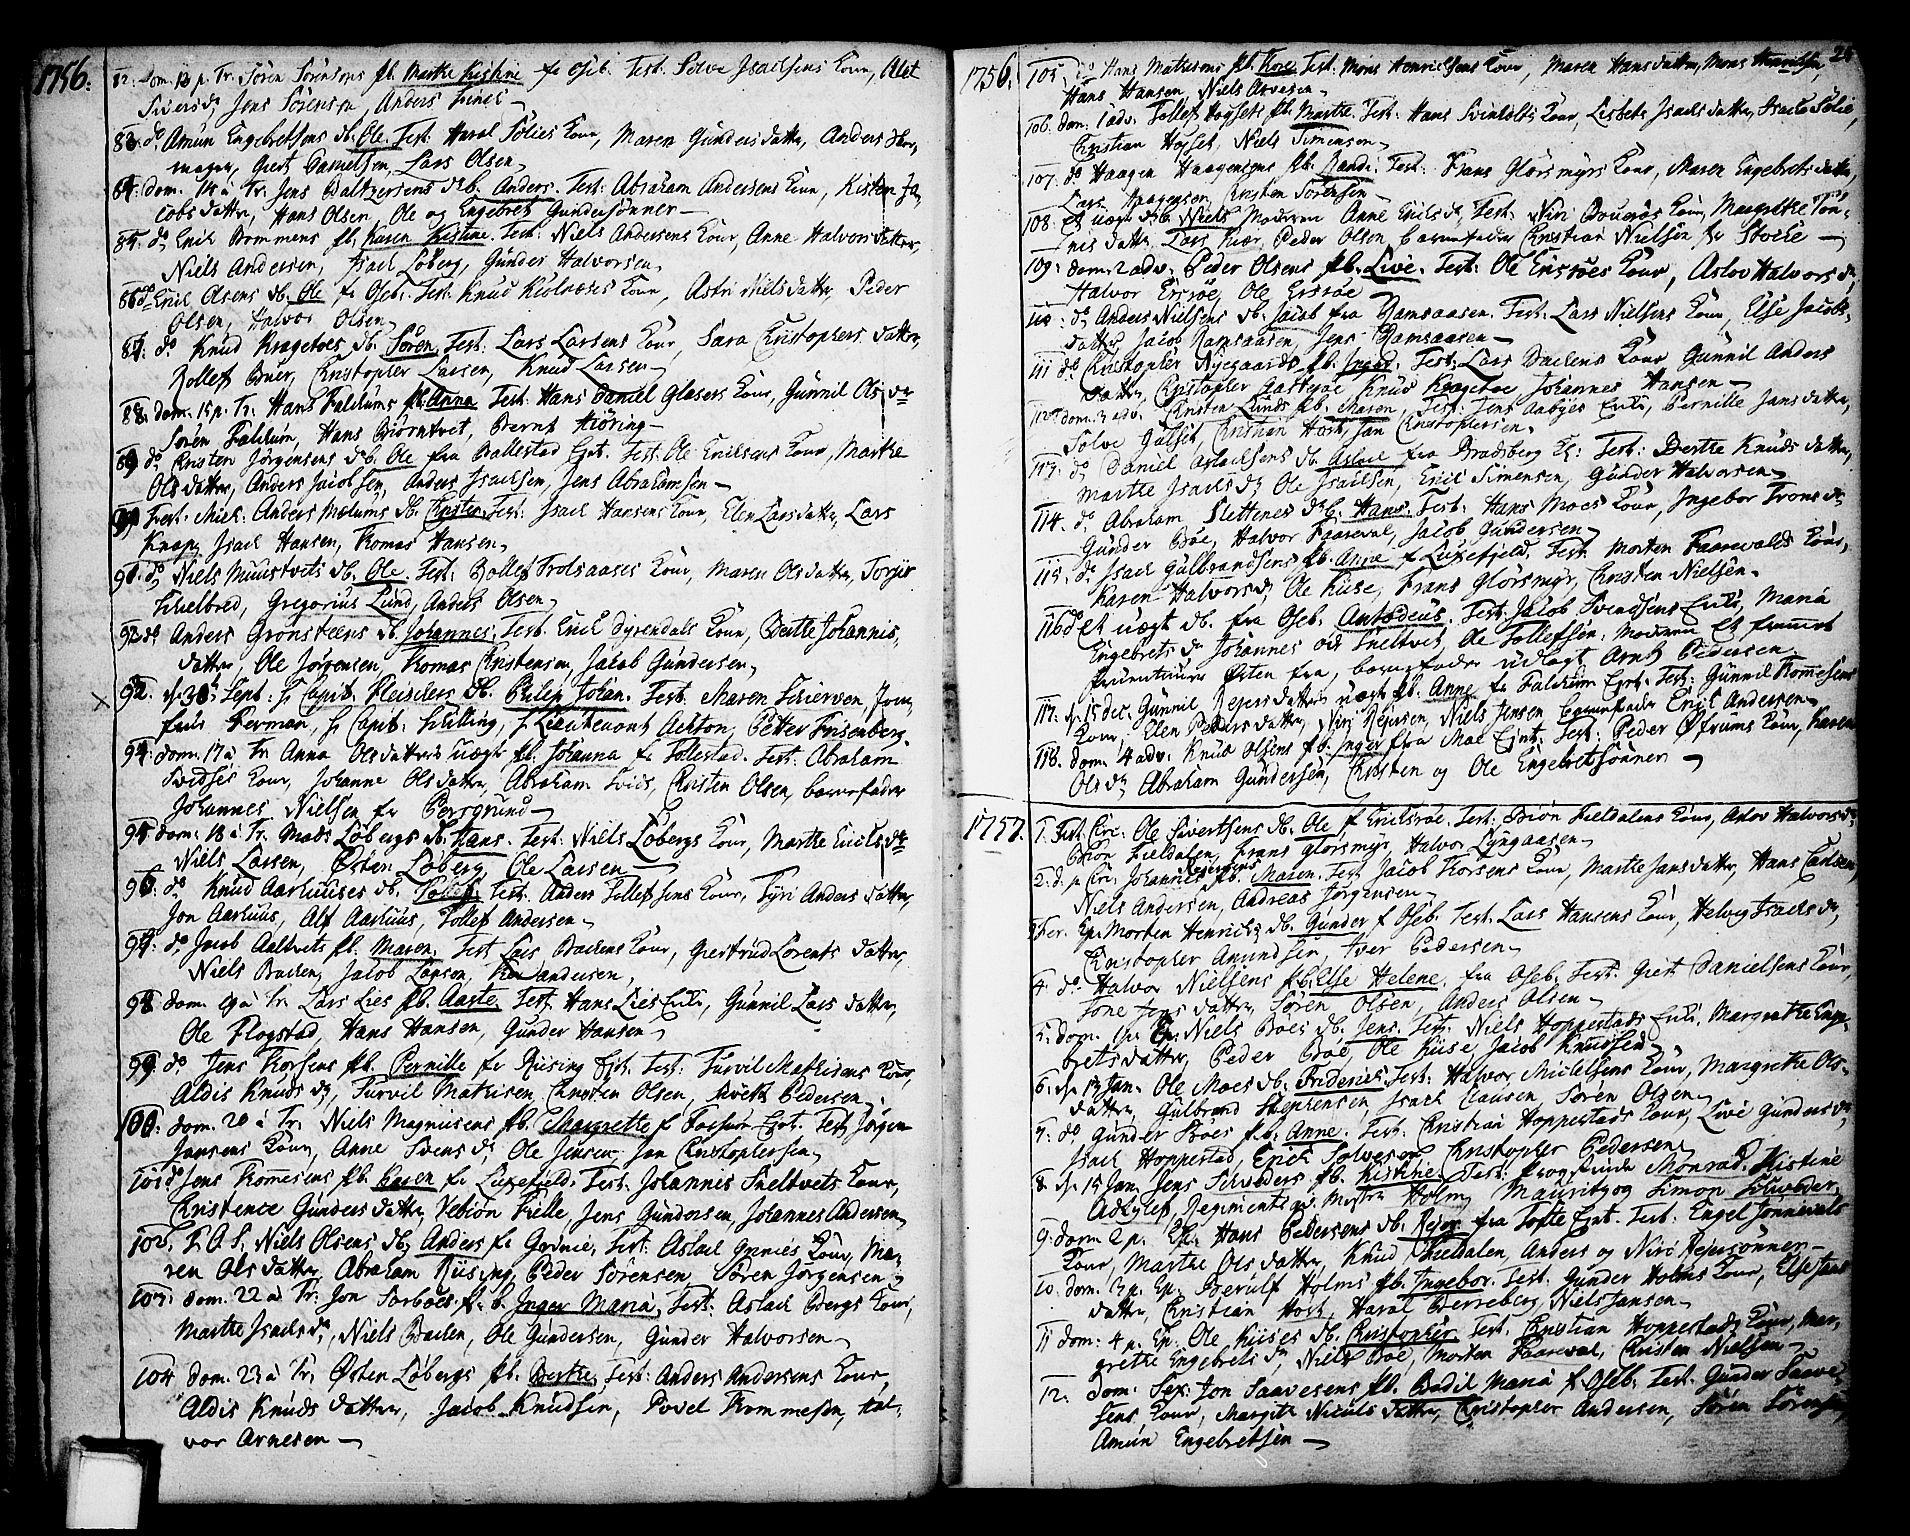 SAKO, Gjerpen kirkebøker, F/Fa/L0002: Ministerialbok nr. 2, 1747-1795, s. 25